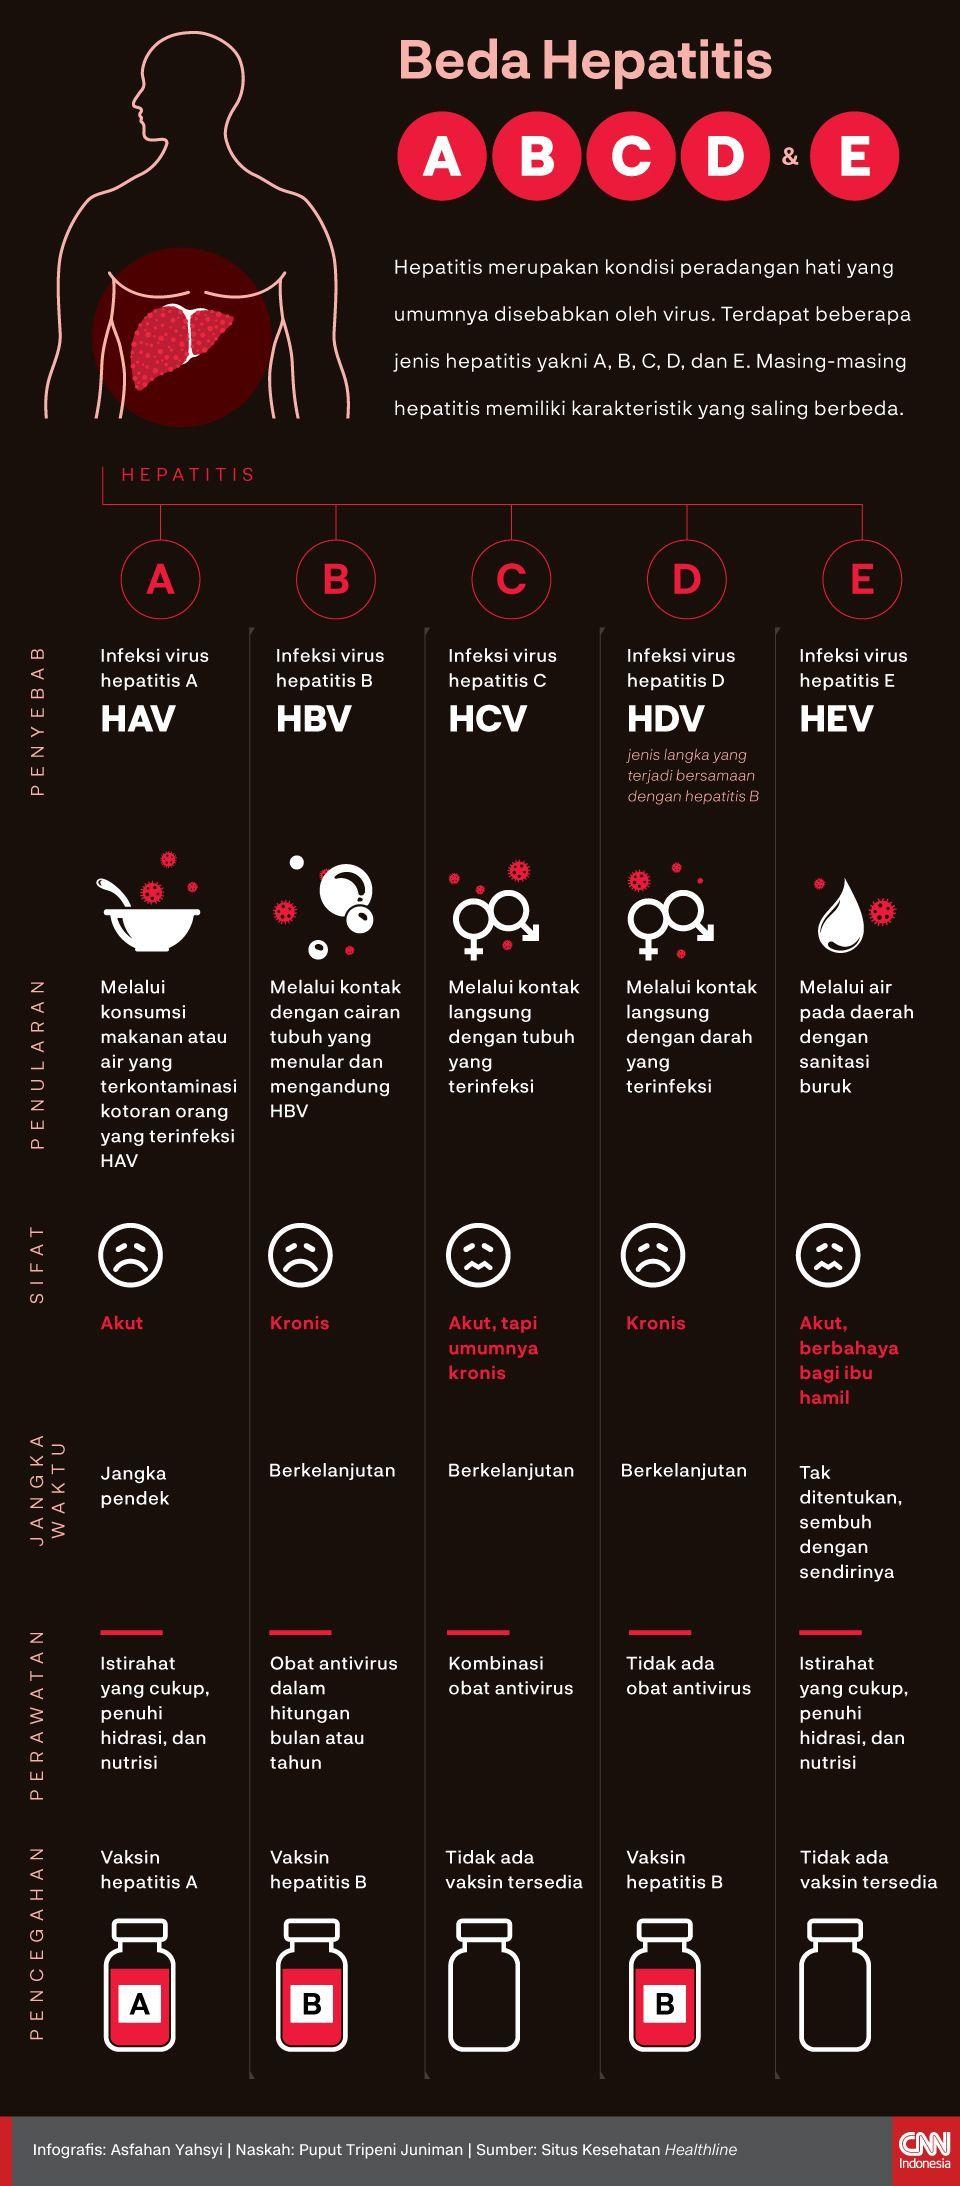 Infografis Beda-Hepatitis-A,-B,-C,-D,-dan-E